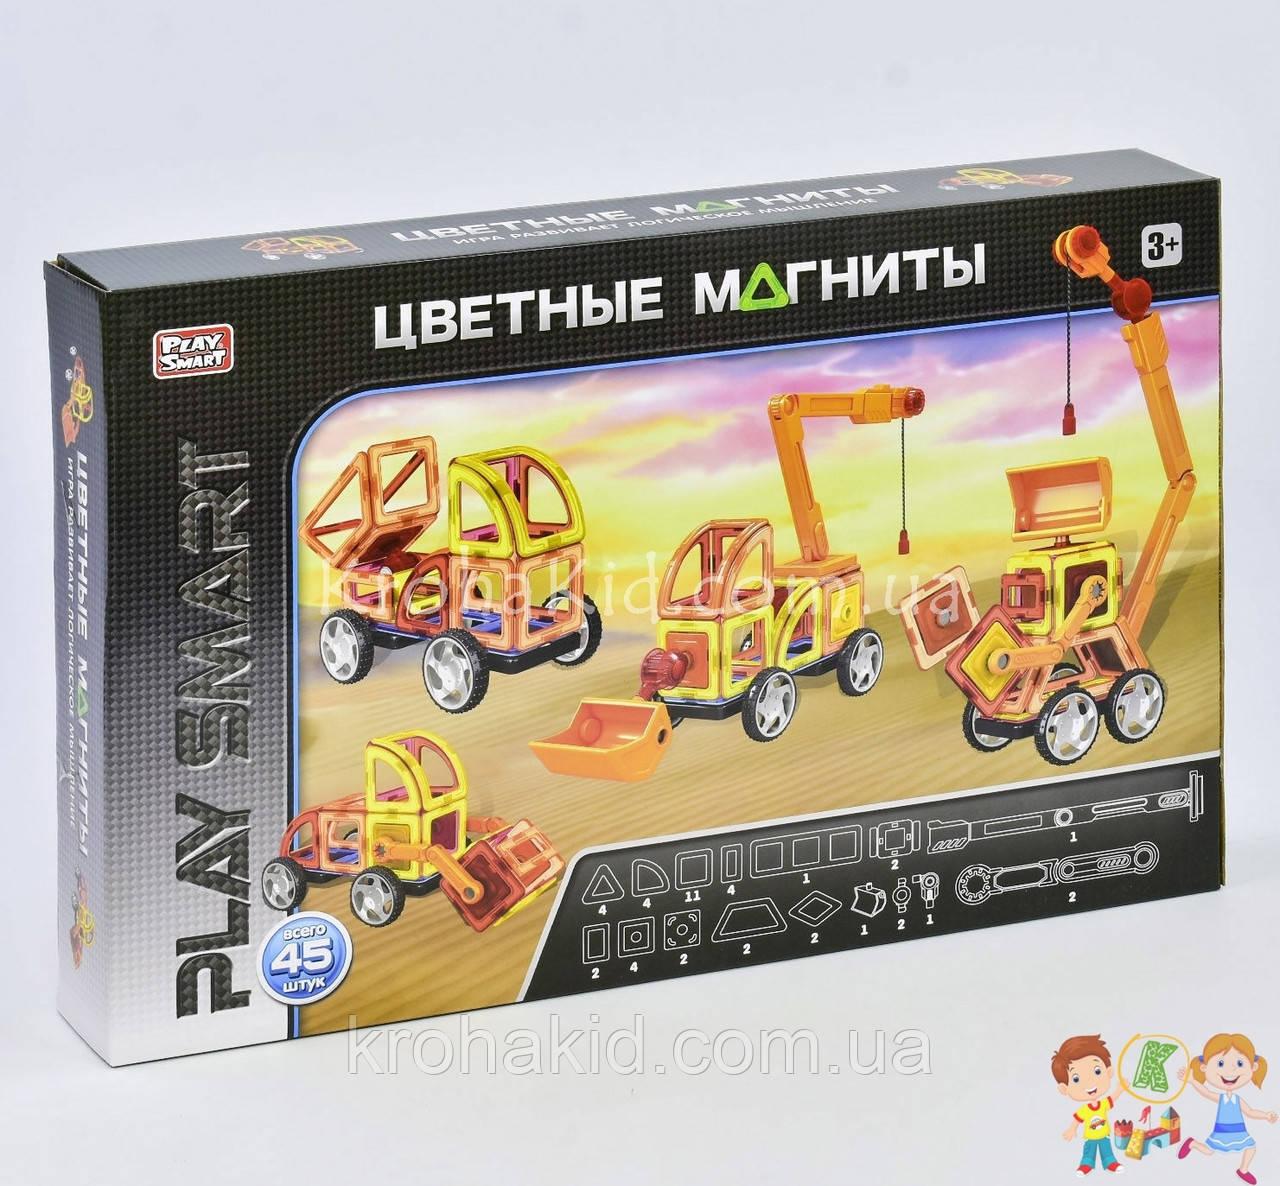 """Конструктор магнитный Play Smart 2428 """"Цветные магниты Стройтехника"""", 6 моделей (45 деталей)"""